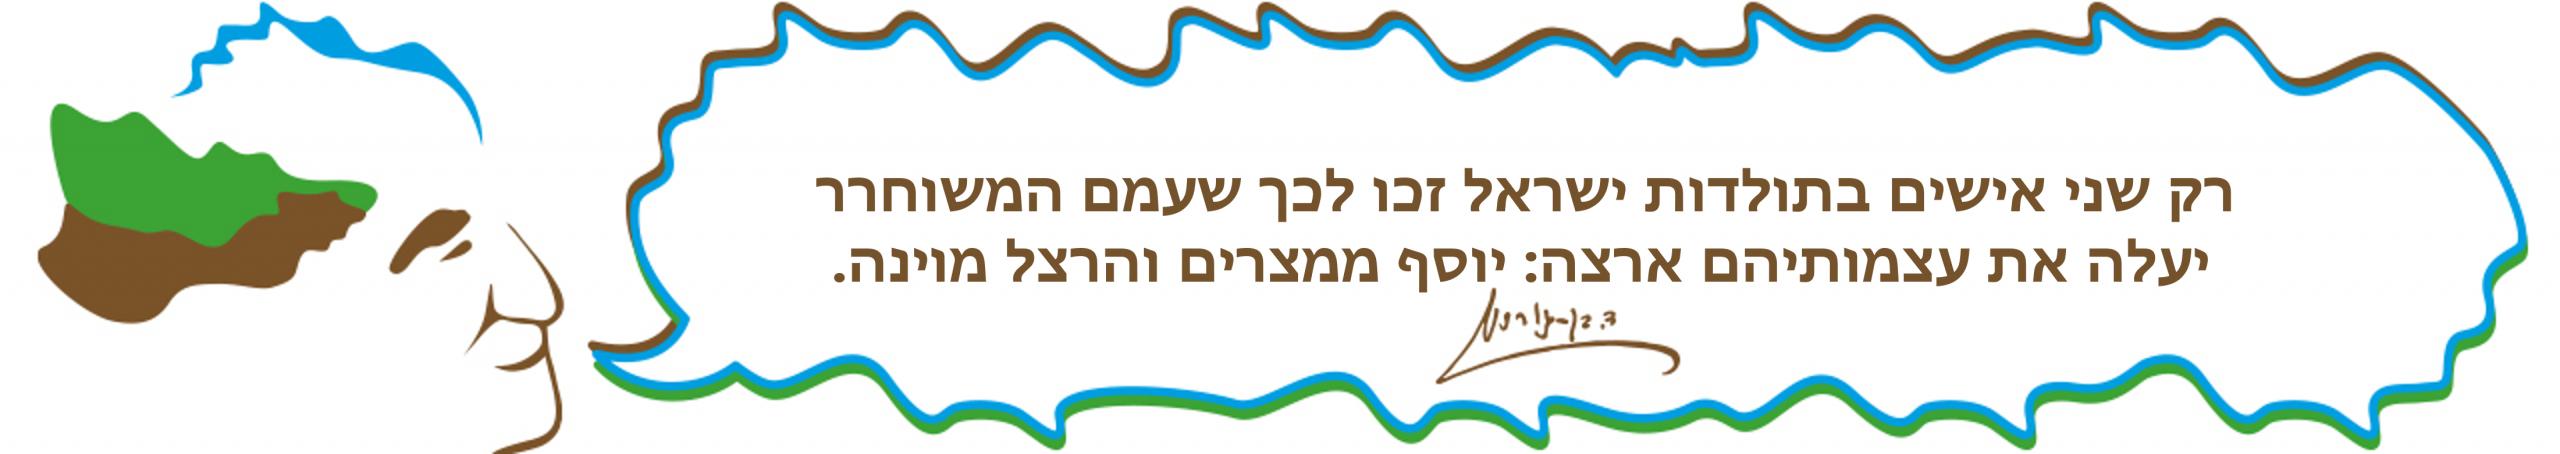 רק שני אישים בתולדות ישראל זכו לכך שעמם המשוחרר יעלה את עצמותיהם ארצה יוסף ממצרים והרצל מוינה